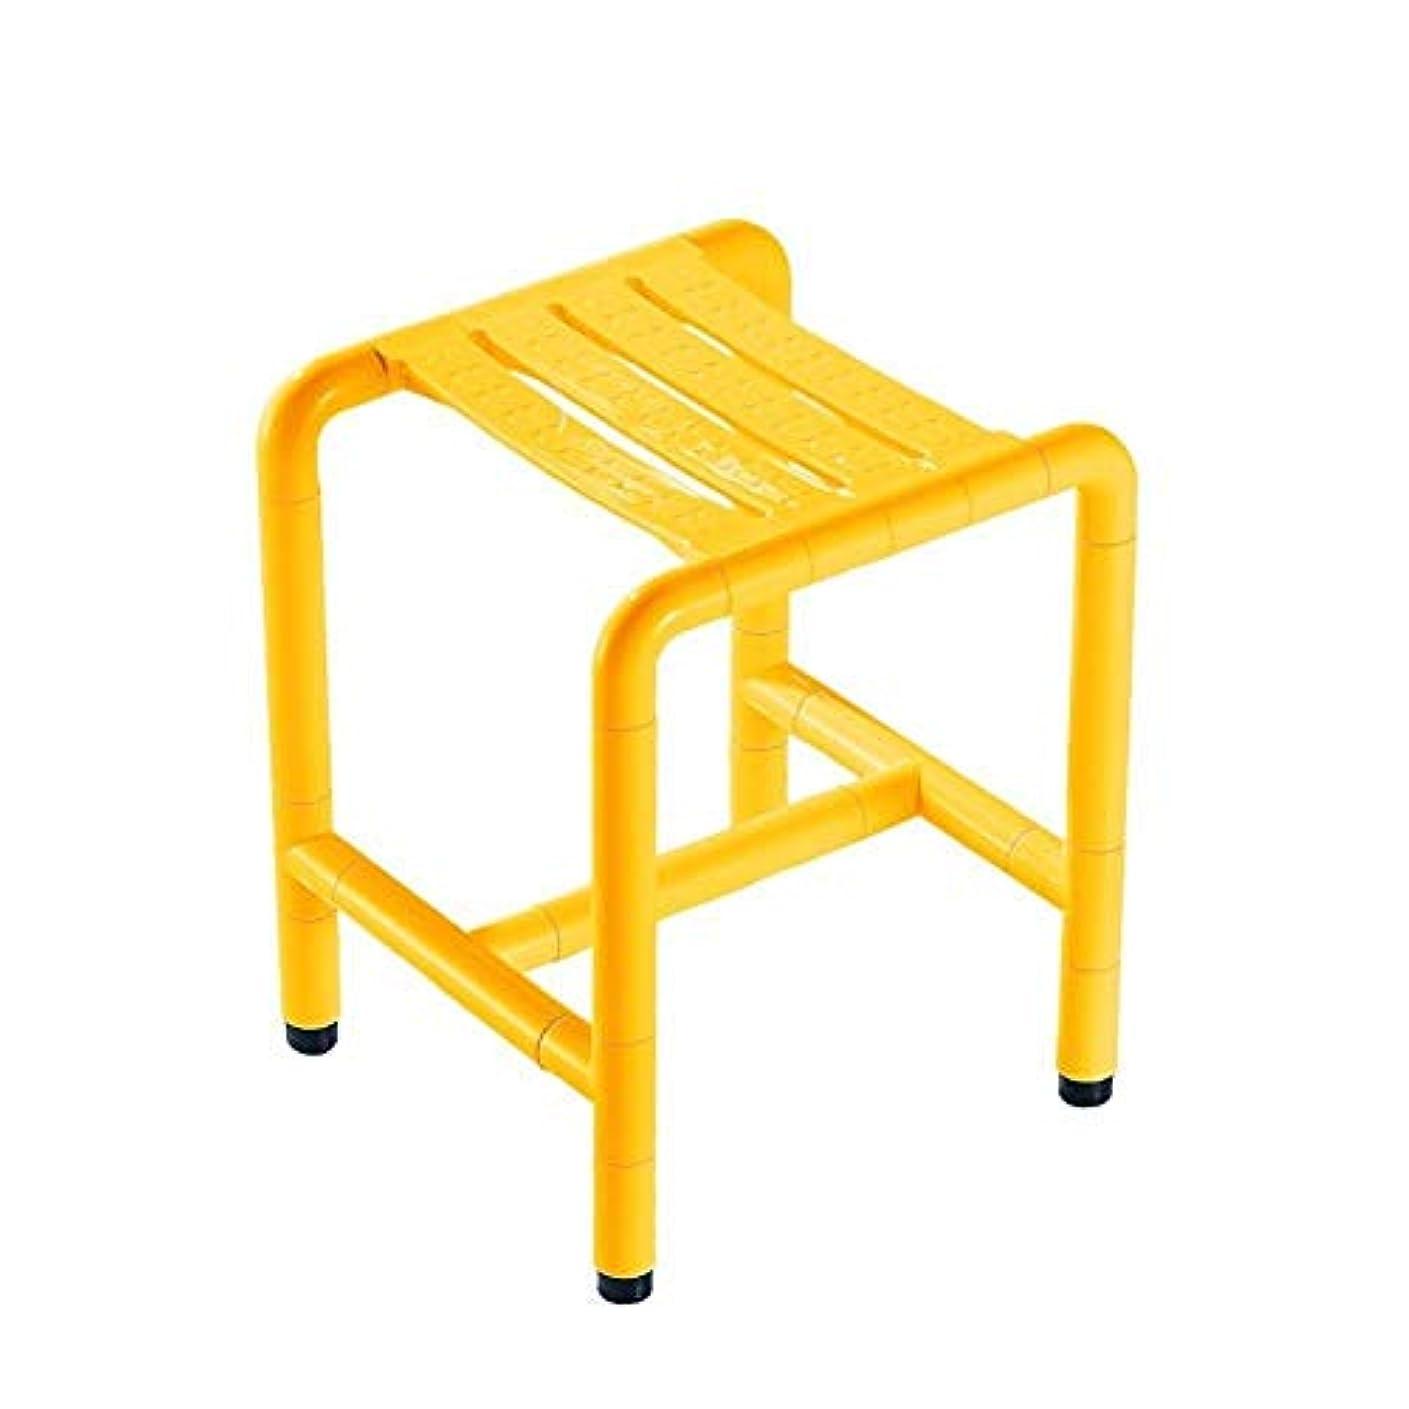 ぬれたシミュレートする予防接種するバスシート、軽量高さ調節可能なシャワースツール、バスルームの安全性とセキュリティ、高齢者、身体障害者 (Color : 黄)